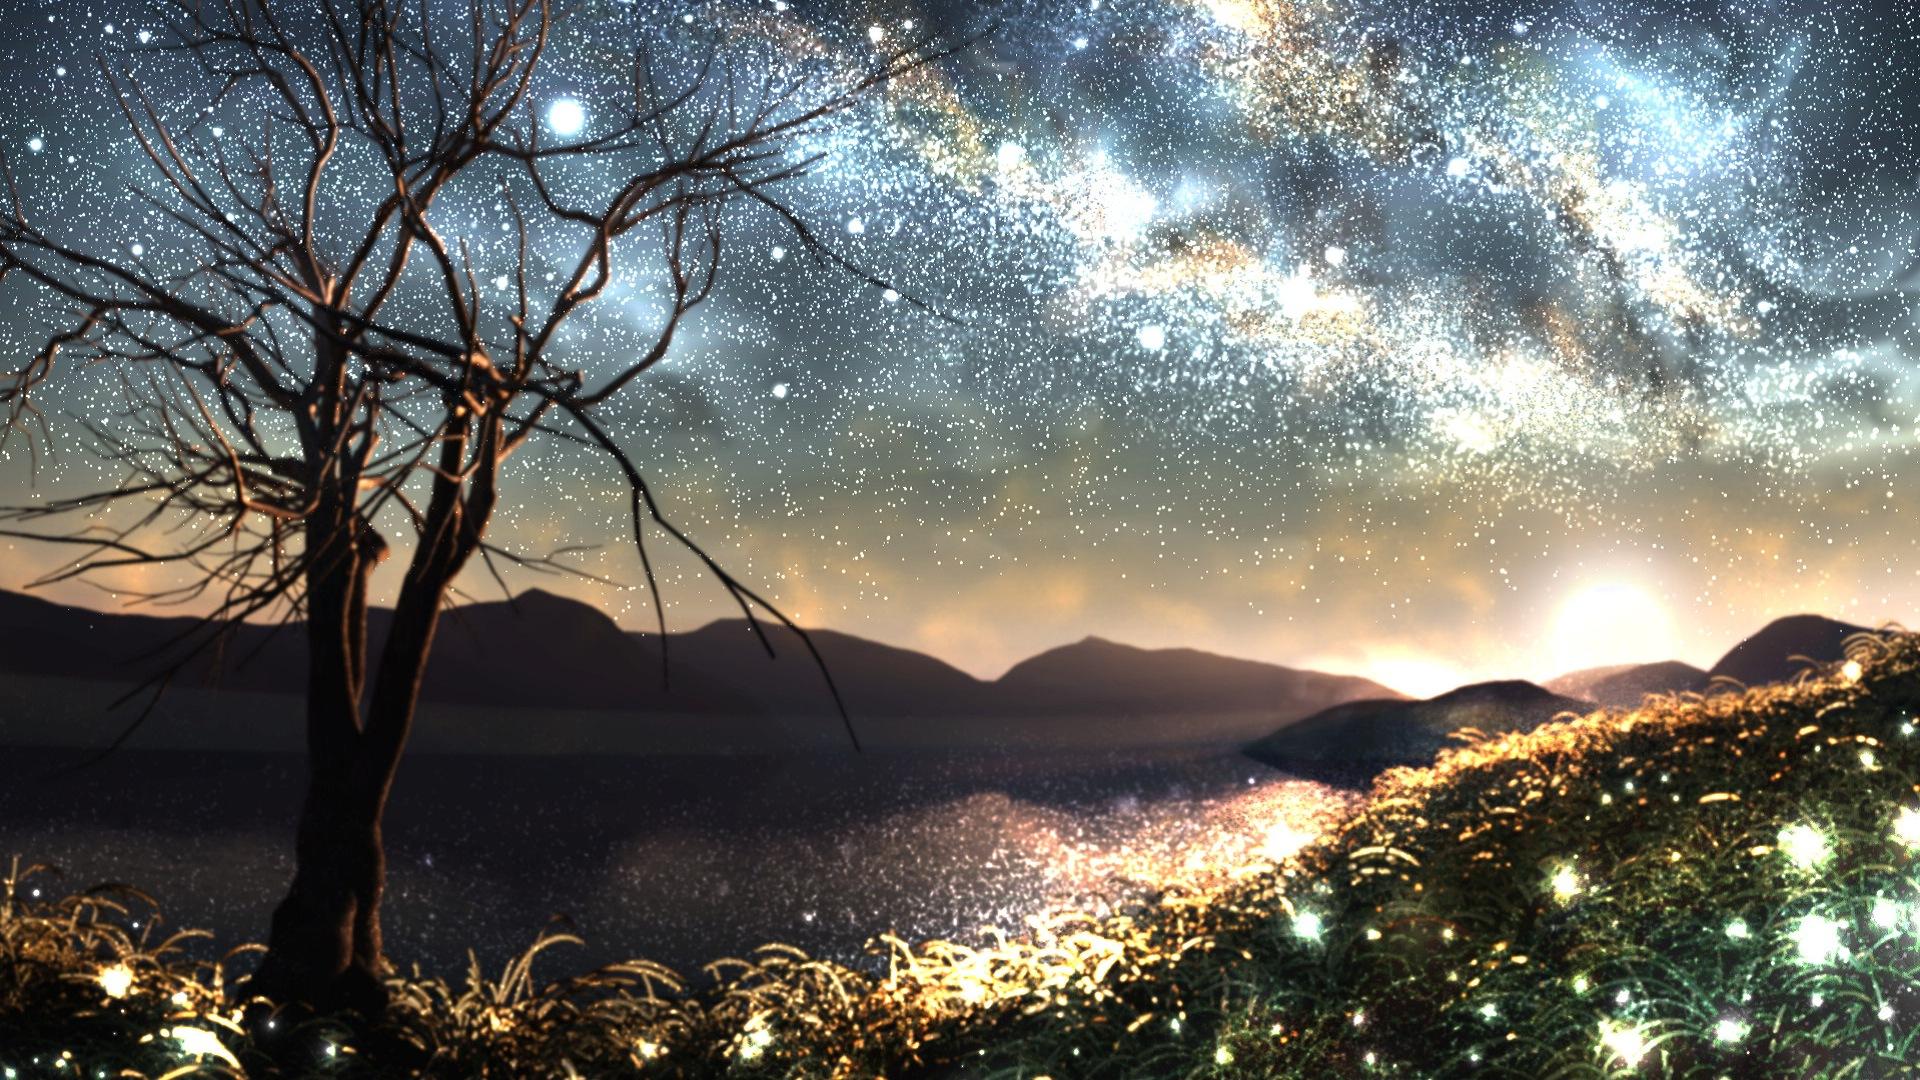 Firefly Summer beautiful anime wallpaper #6 - 1920x1080 Wallpaper